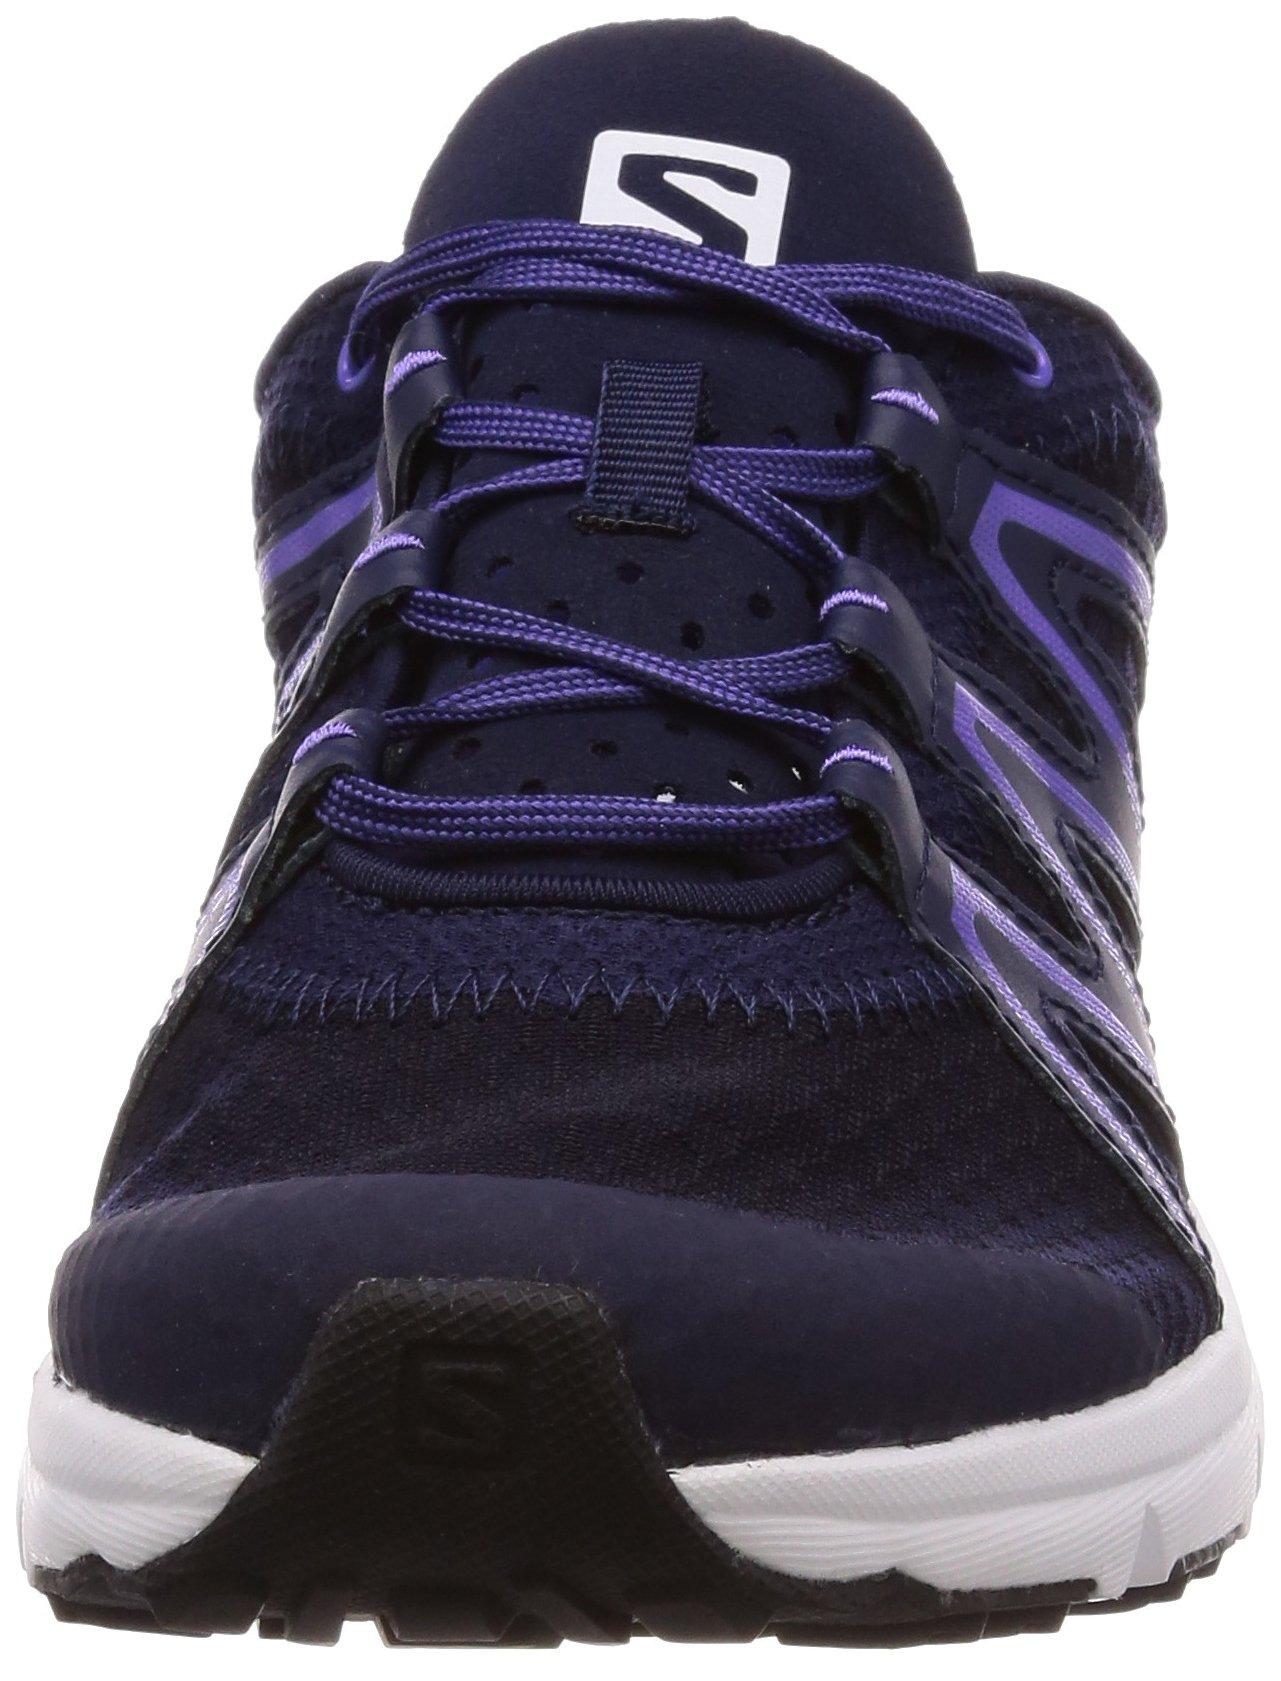 71Otsy3e HL - SALOMON Women's Crossamphibian Swift W Low Rise Hiking Boots